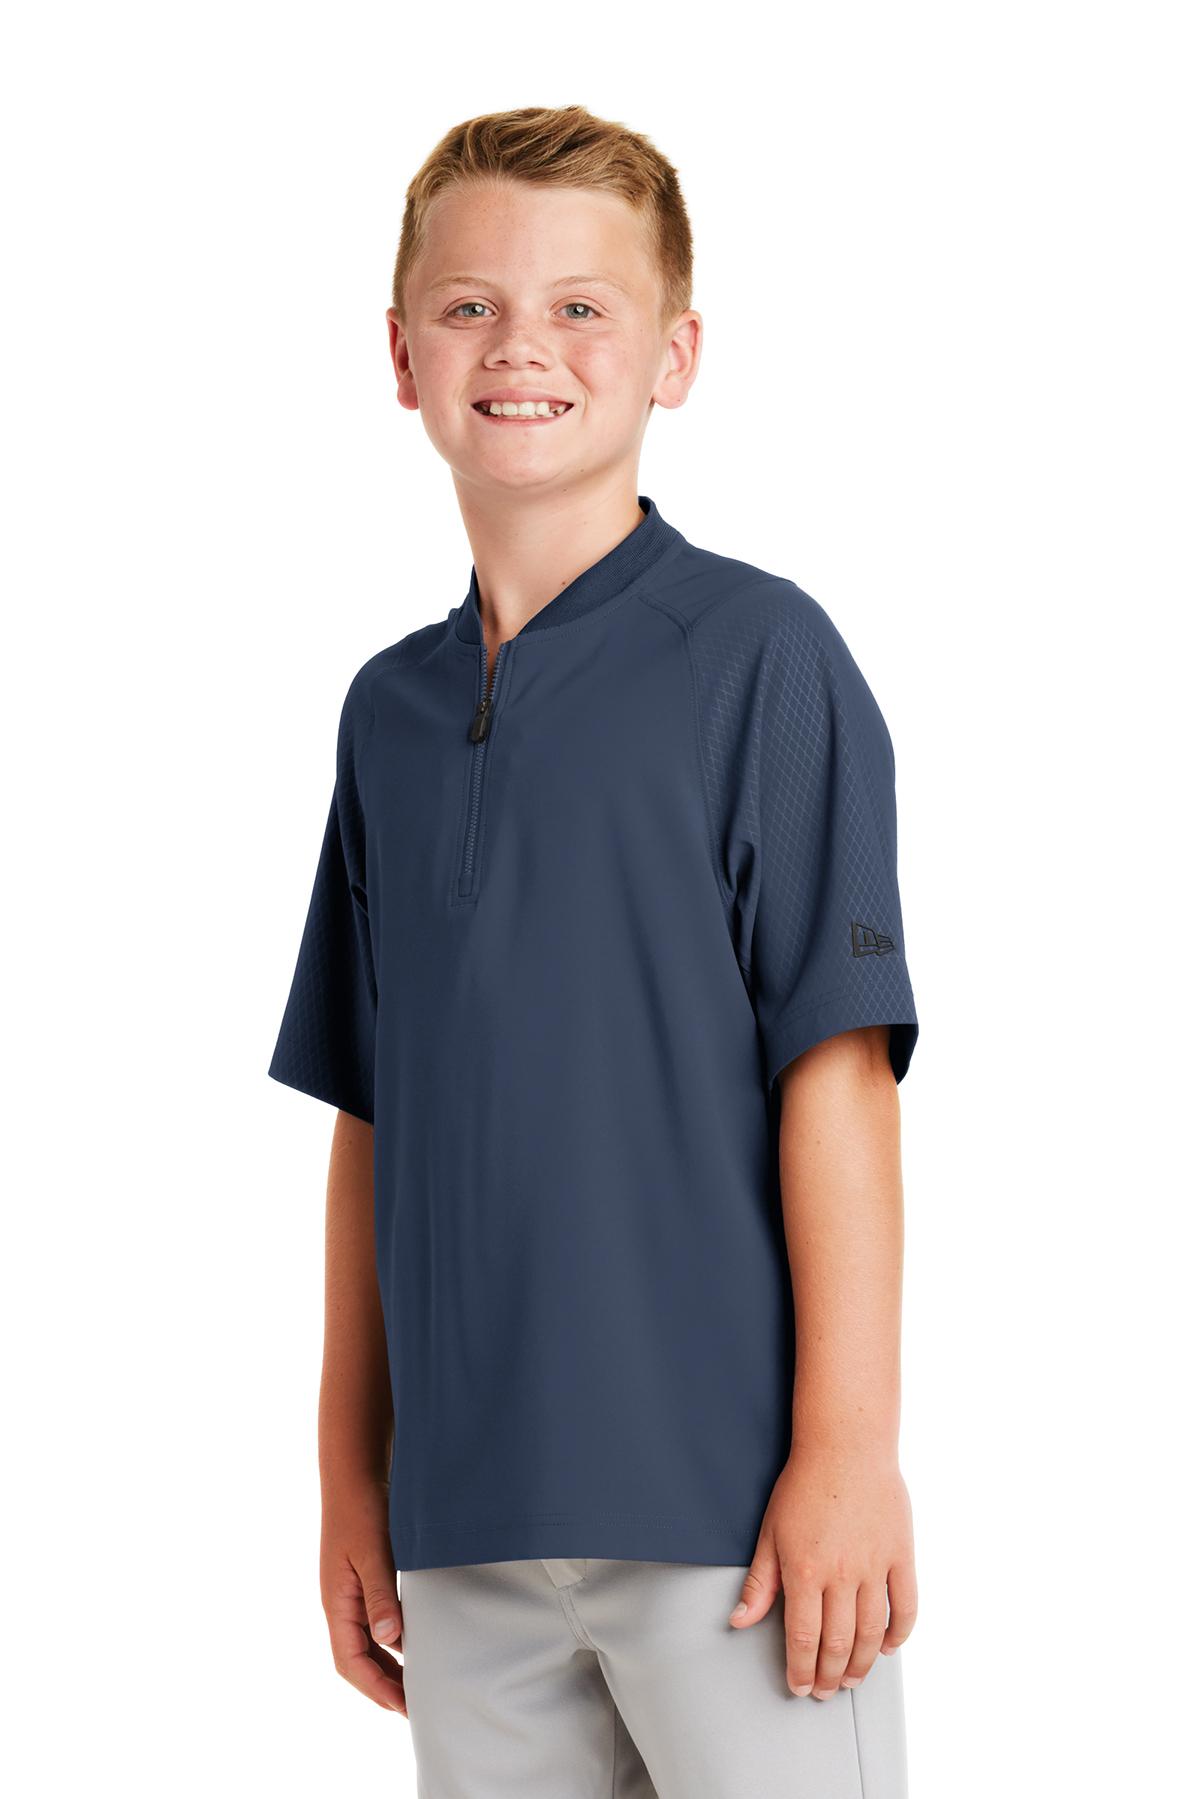 New Era 174 Youth Cage Short Sleeve 1 4 Zip Jacket Youth